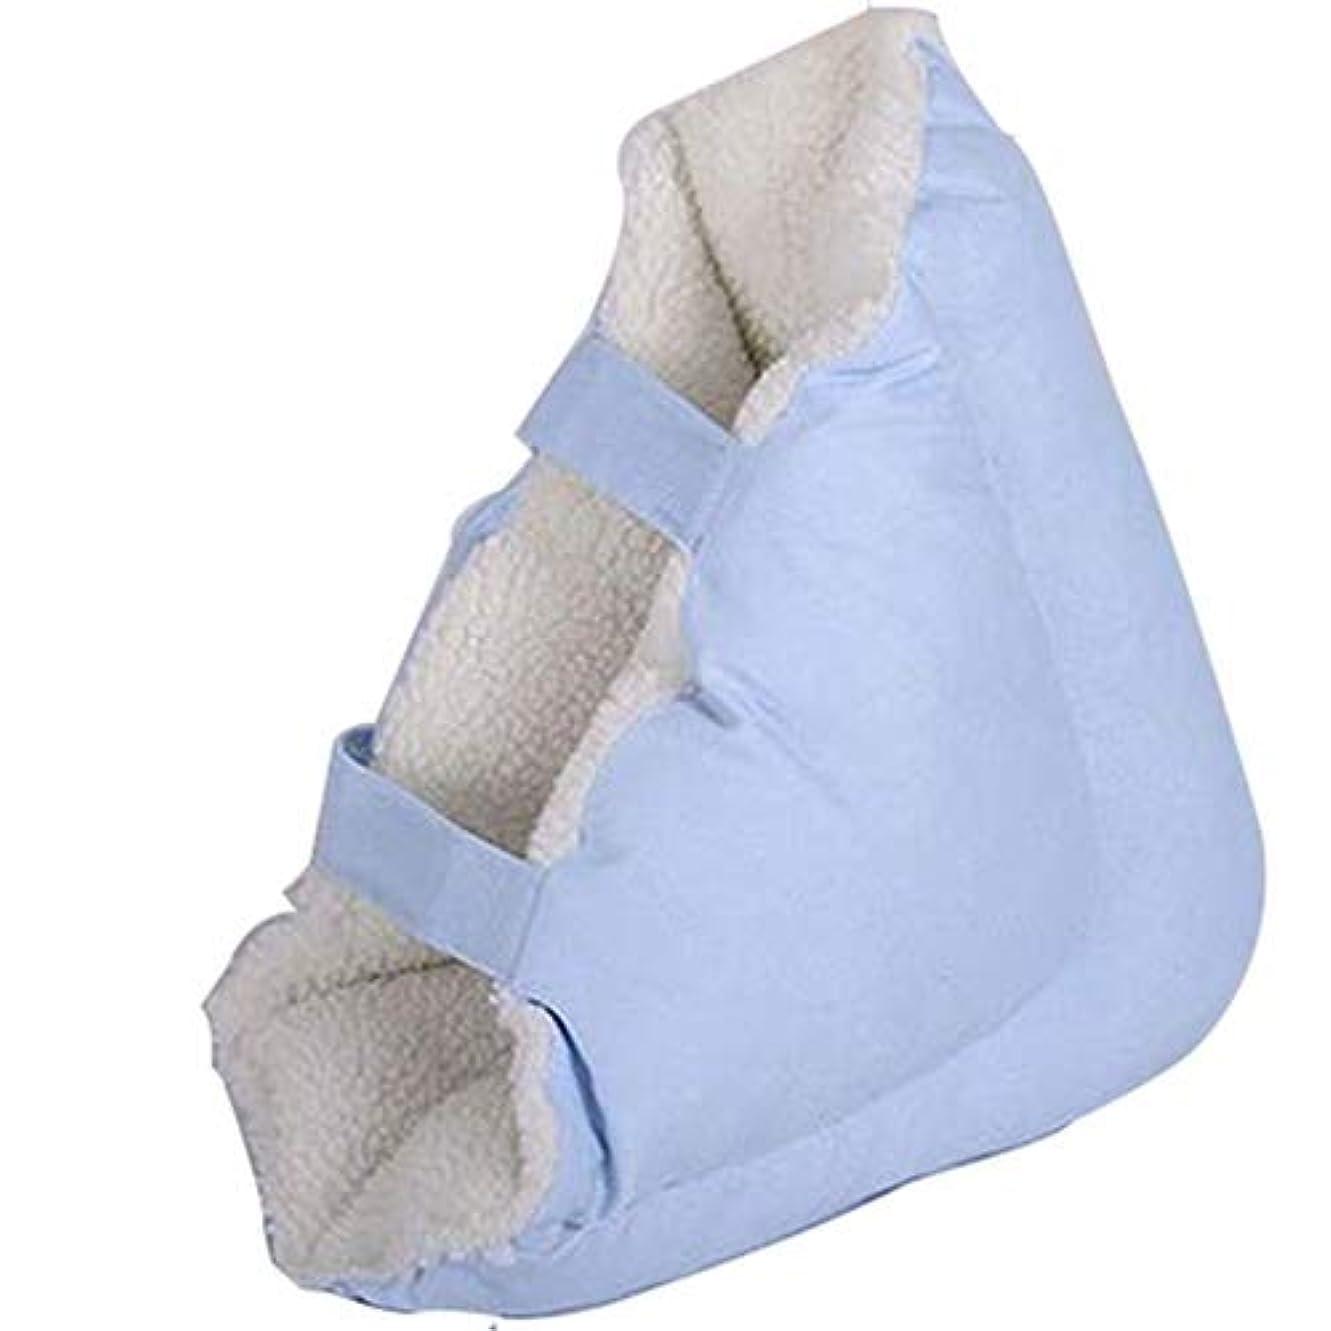 高齢者在庫ウガンダヒールクッションプロテクター、足枕かかとパッド保護パッド-抗ニキビ抗菌布枕、1ペア床ずれ防止 かかとあて